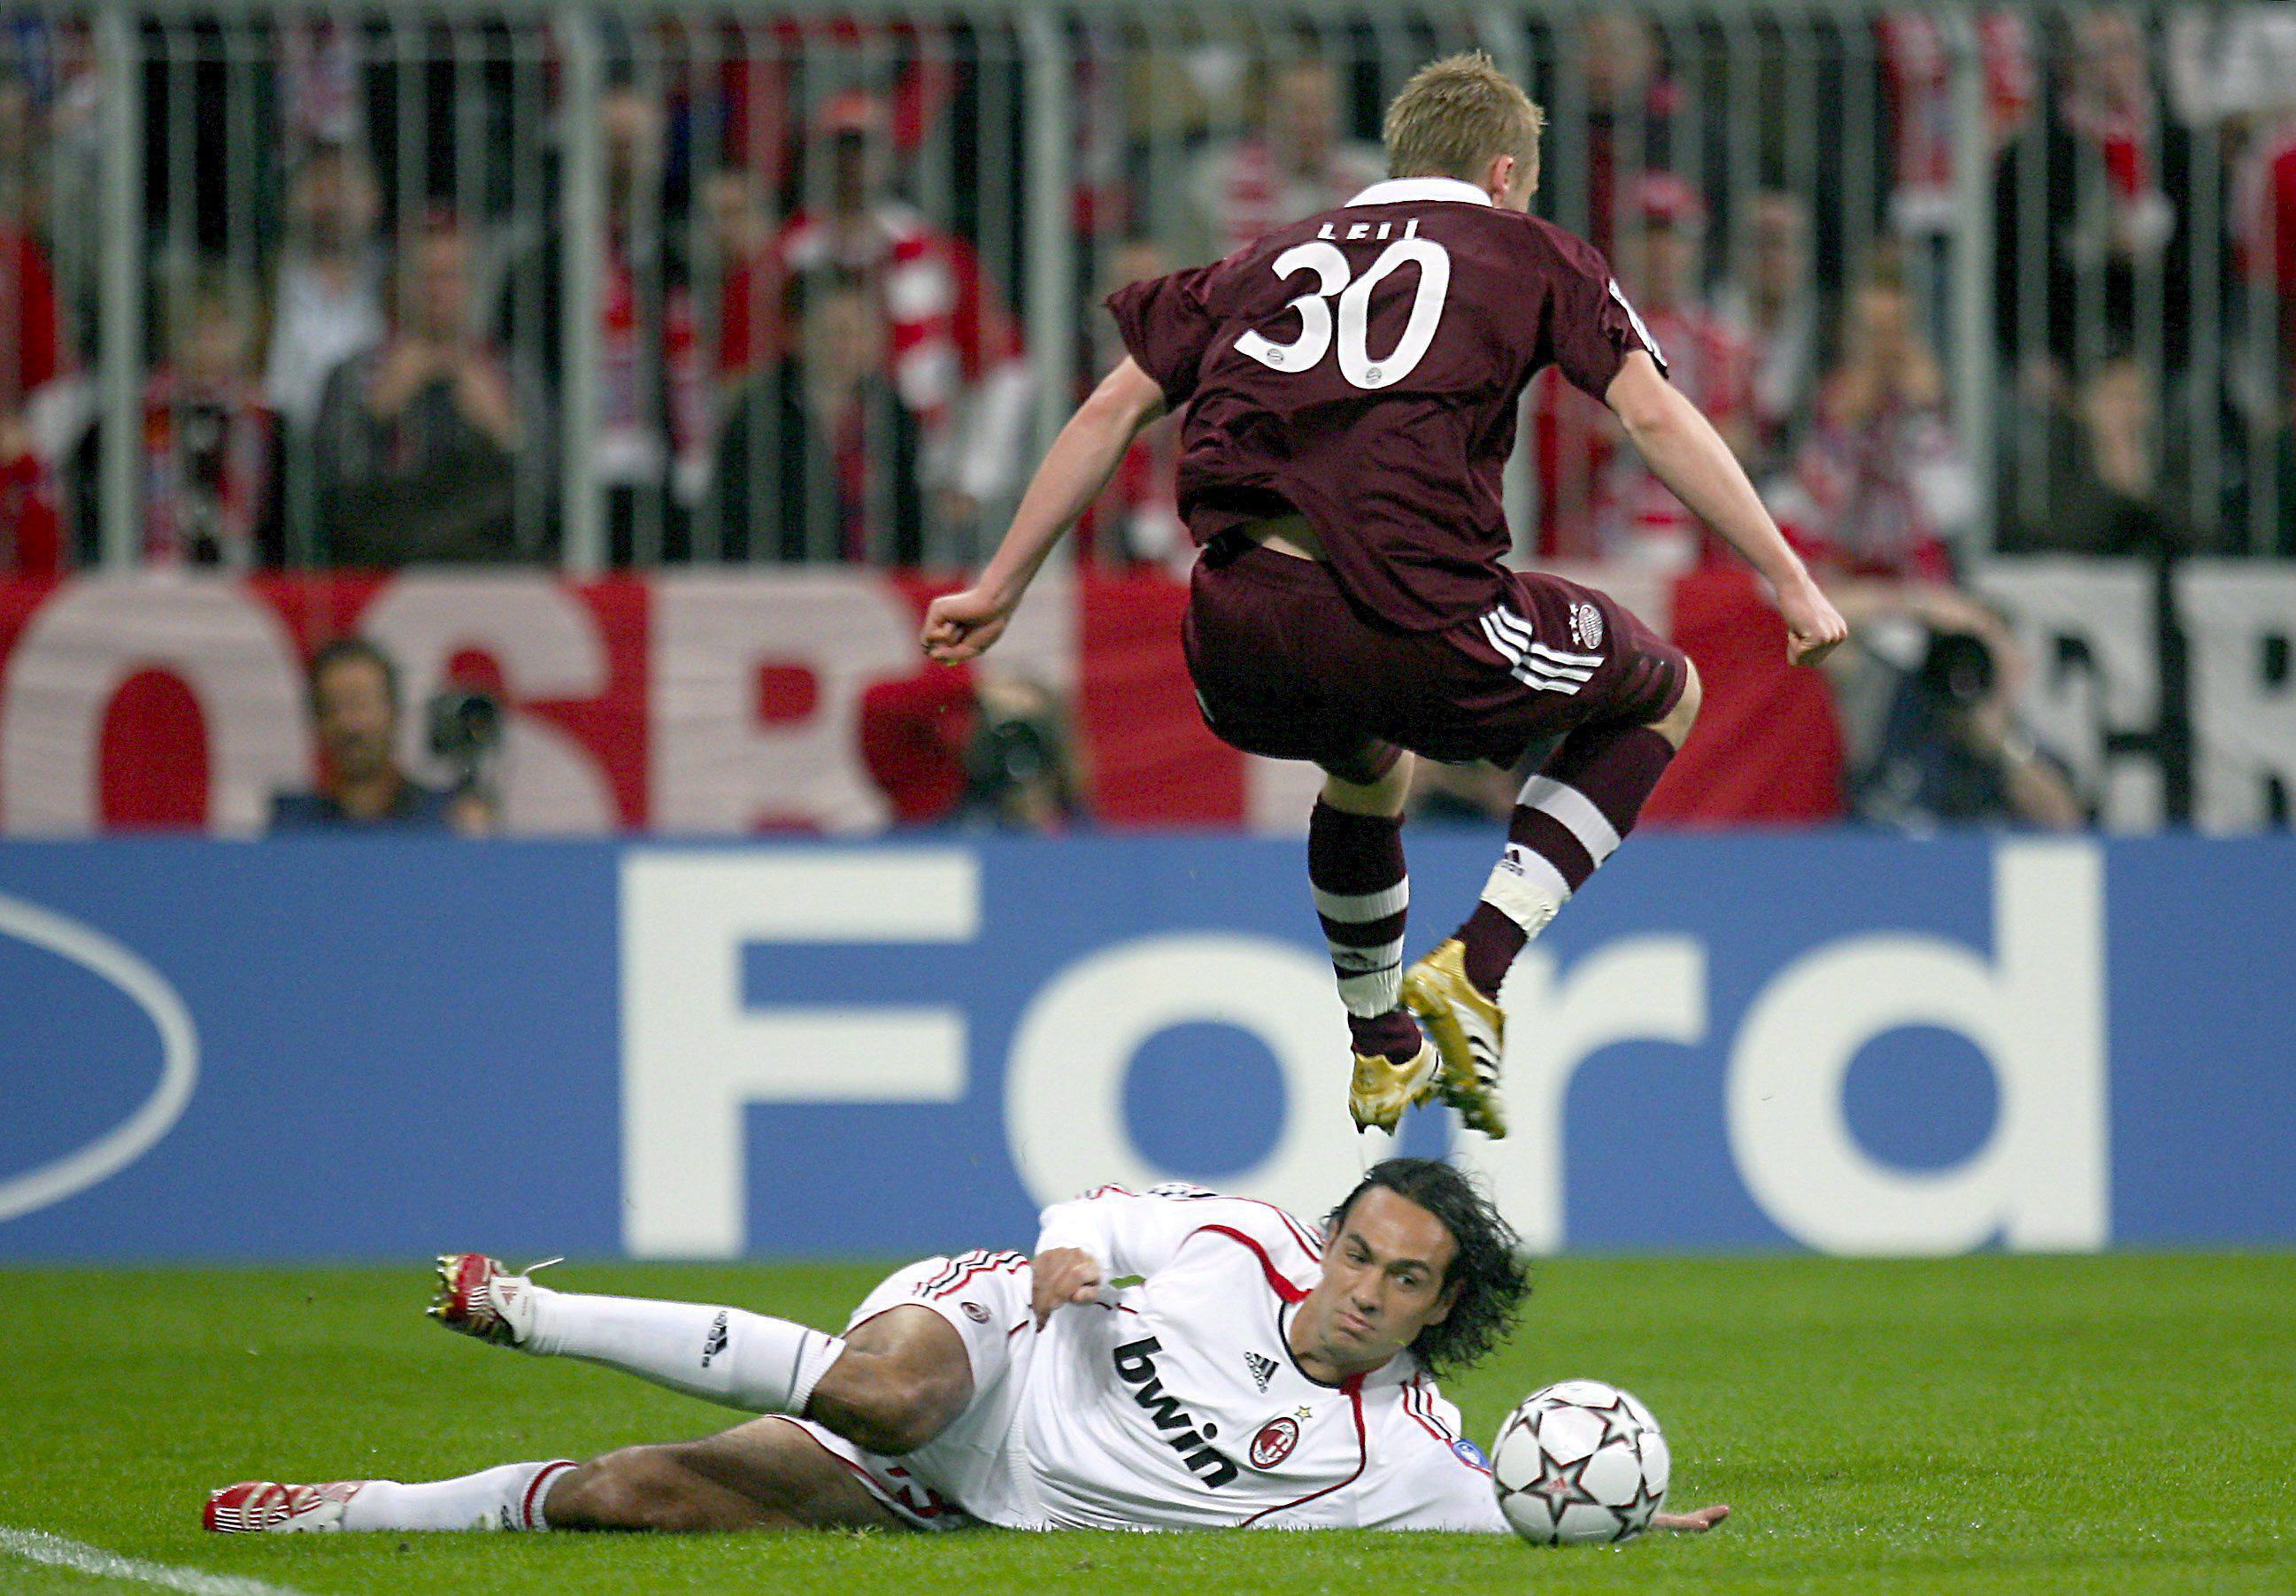 Nesta, ejecutando un 'tackle' en un partido de cuartos de final de la Champions de 2007 ante el Bayern de Múnich, en Alemania (Archivo 20minutos).